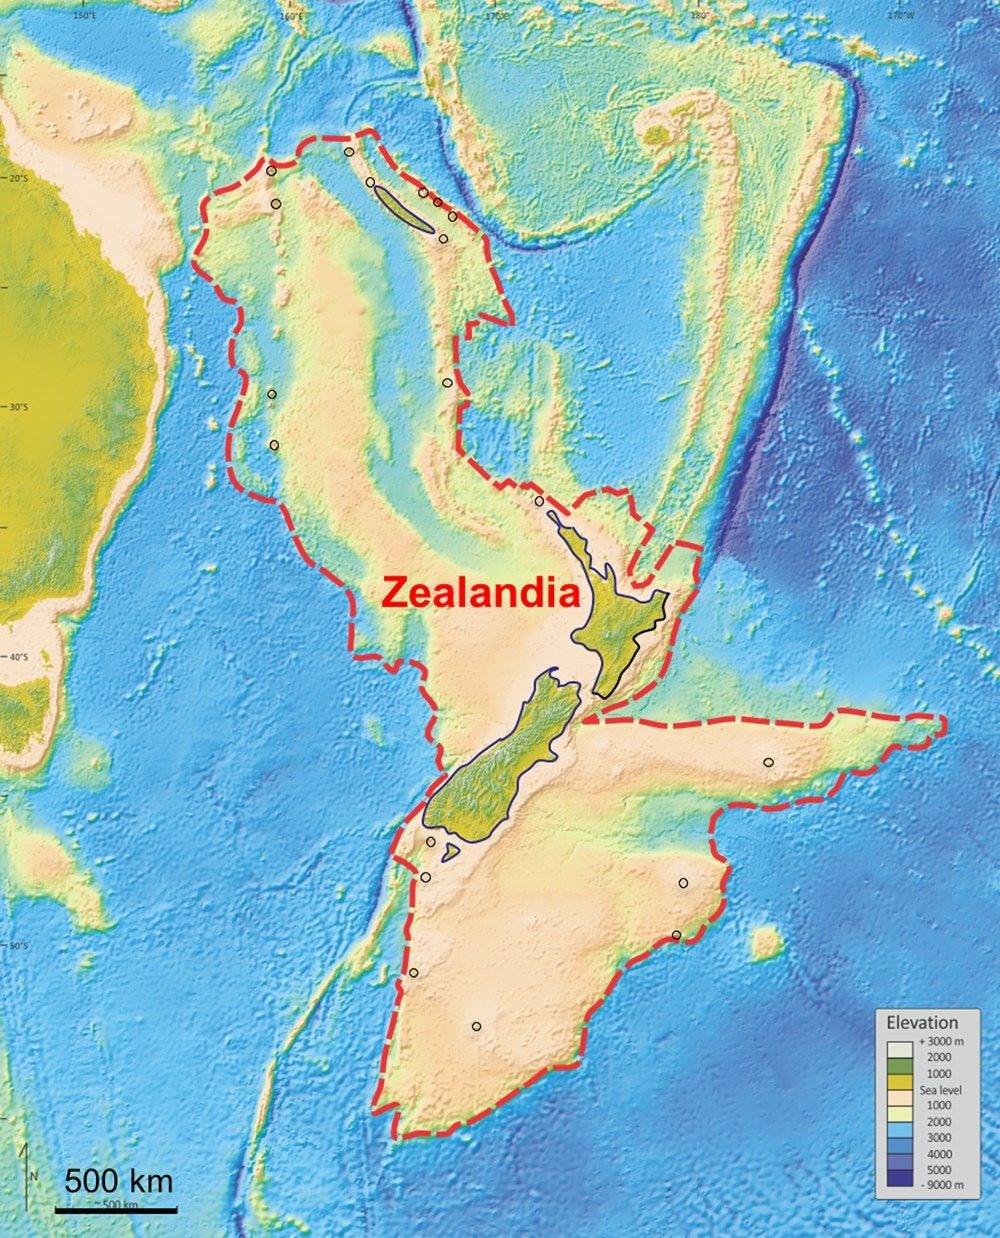 'Kayıp Kıta'nın haritası çıkarıldı - 3